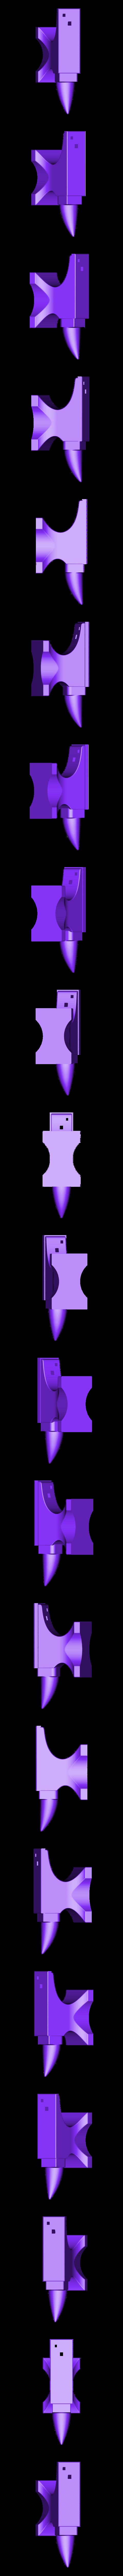 ANVIL-CLEAN.stl Télécharger fichier STL gratuit L'enclume du forgeron • Design à imprimer en 3D, WorksBySolo